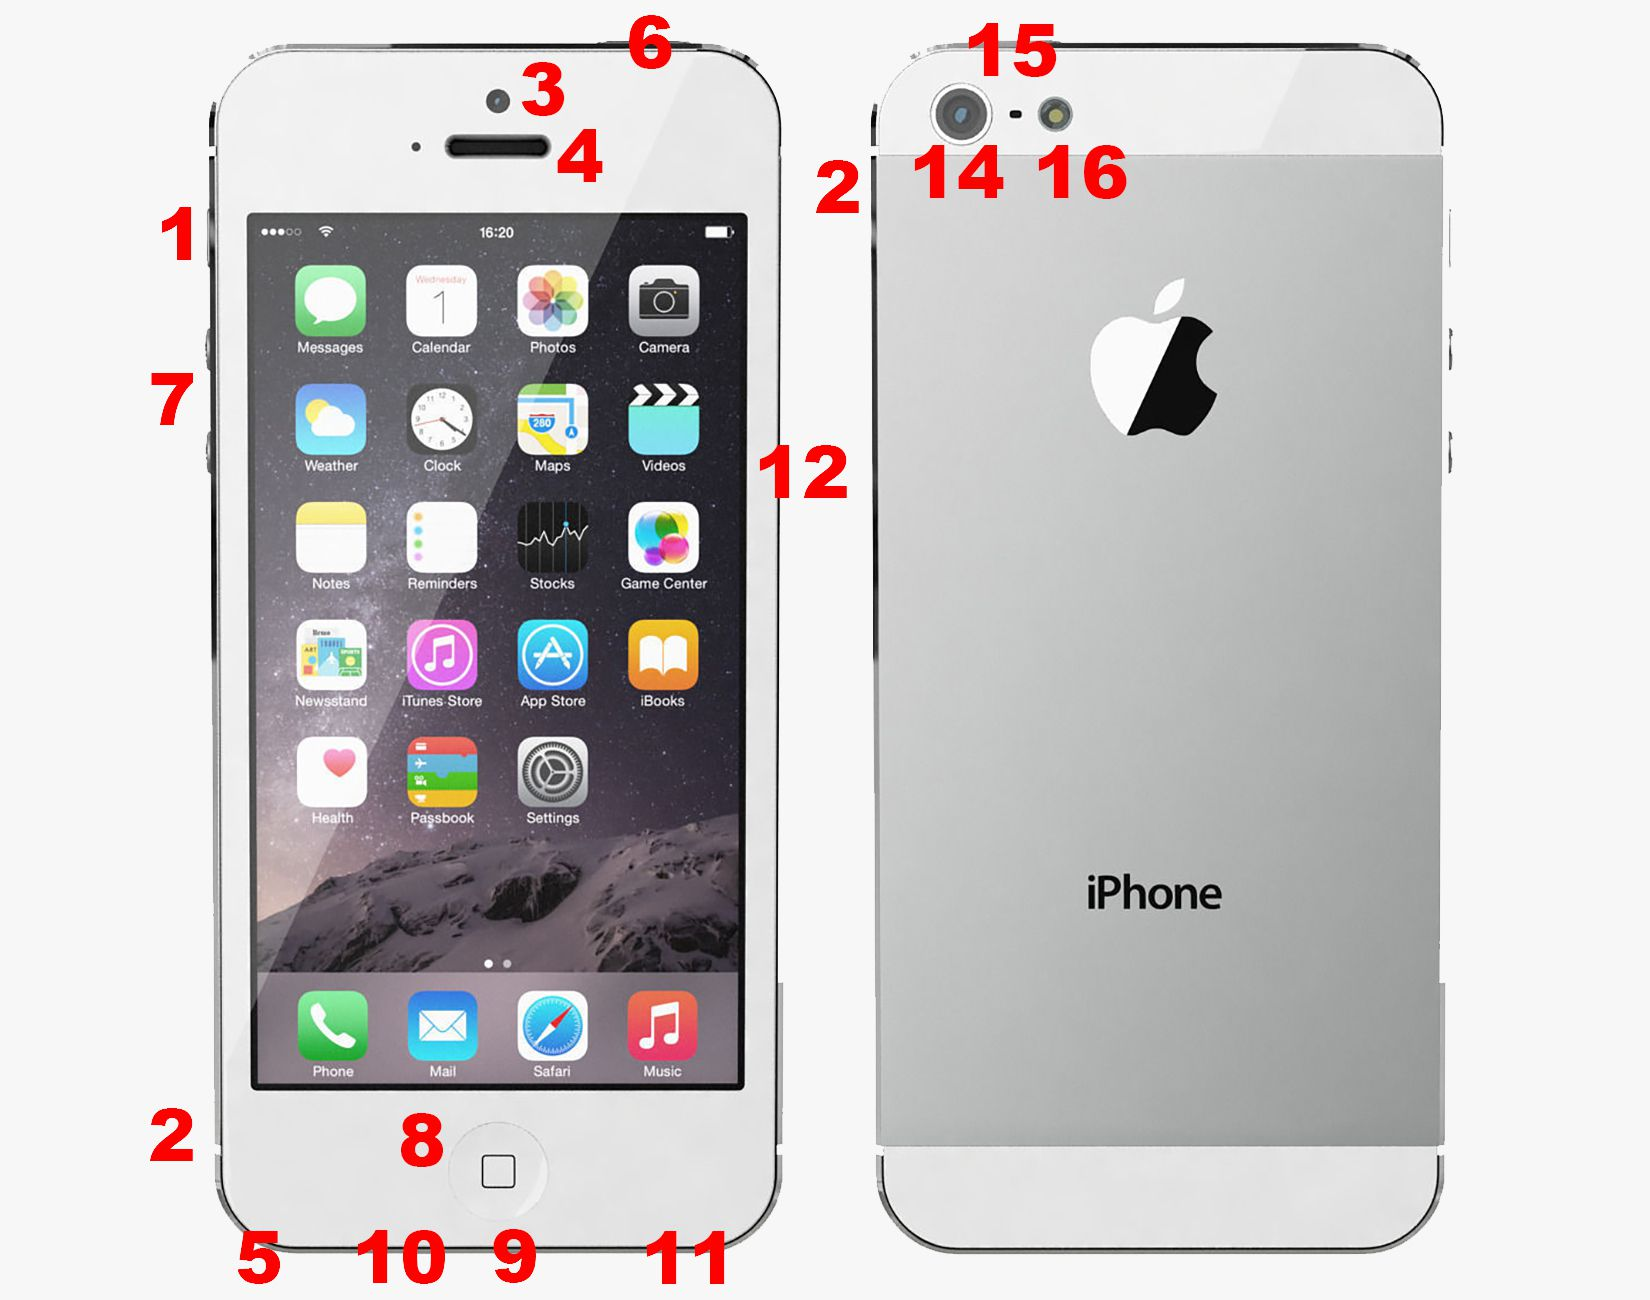 Anatomy of iphone